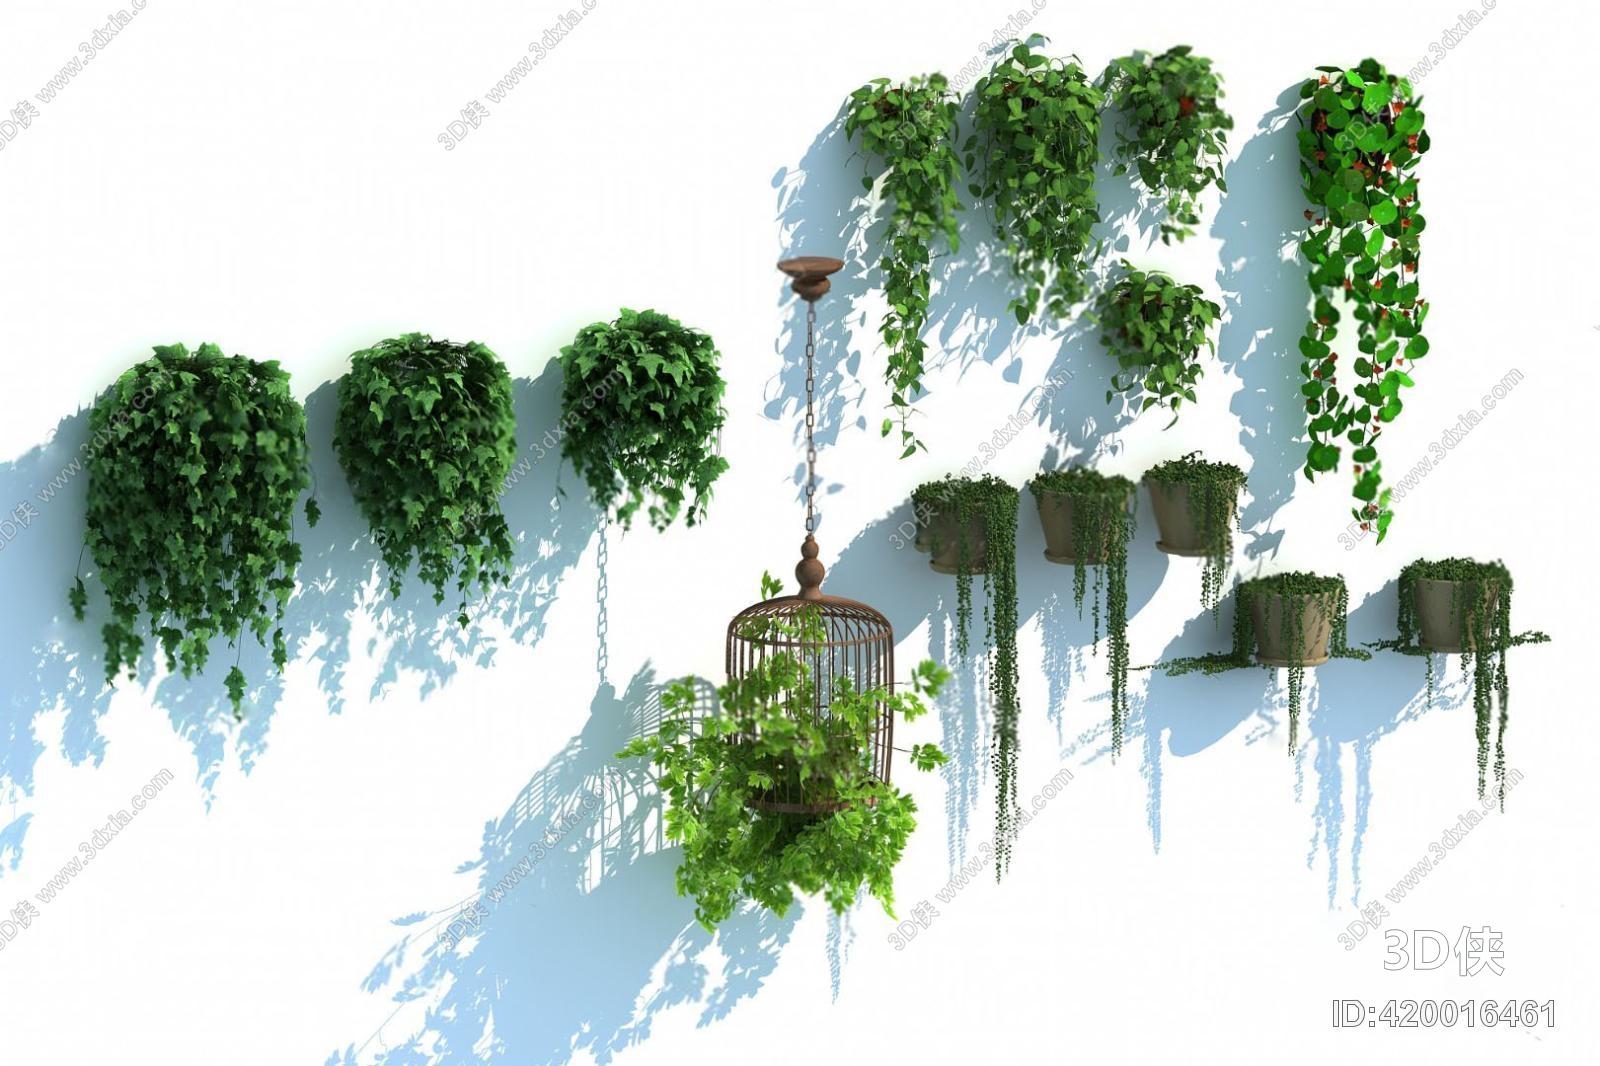 盆栽效果图素材免费下载,本作品主题是藤蔓3d模型,编号是420016461,格